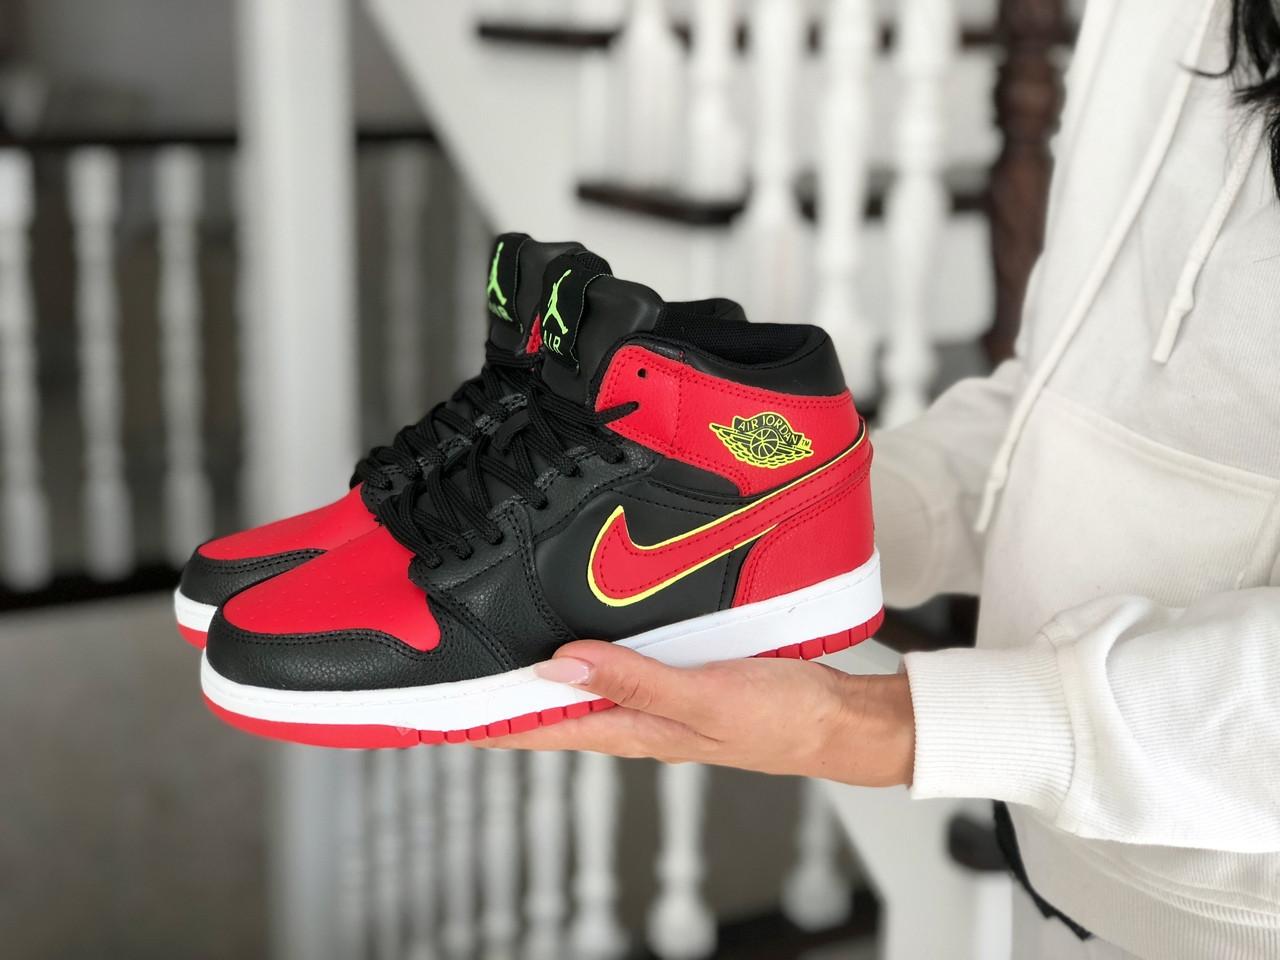 Высокие зимние подростковые кроссовки Nike Air Jordan 1 Retro,черные с красным